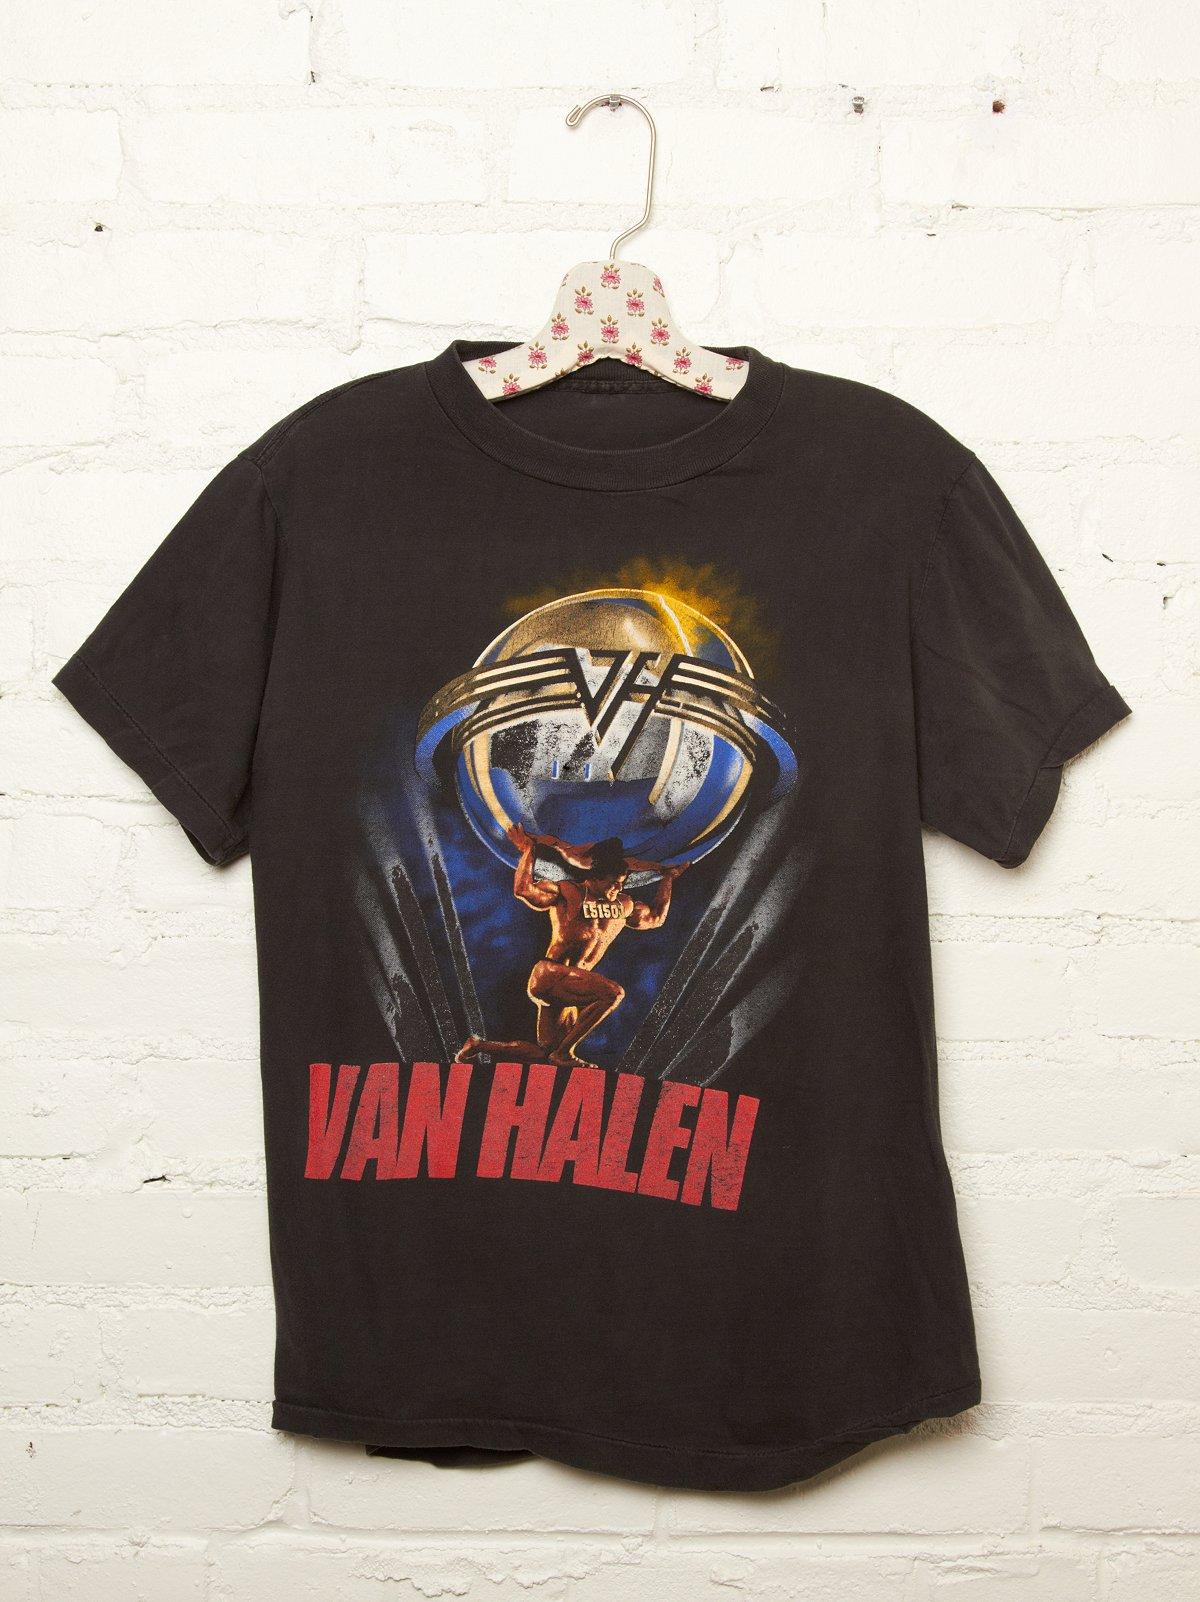 Vintage Van Halen 5150 Tour Tee